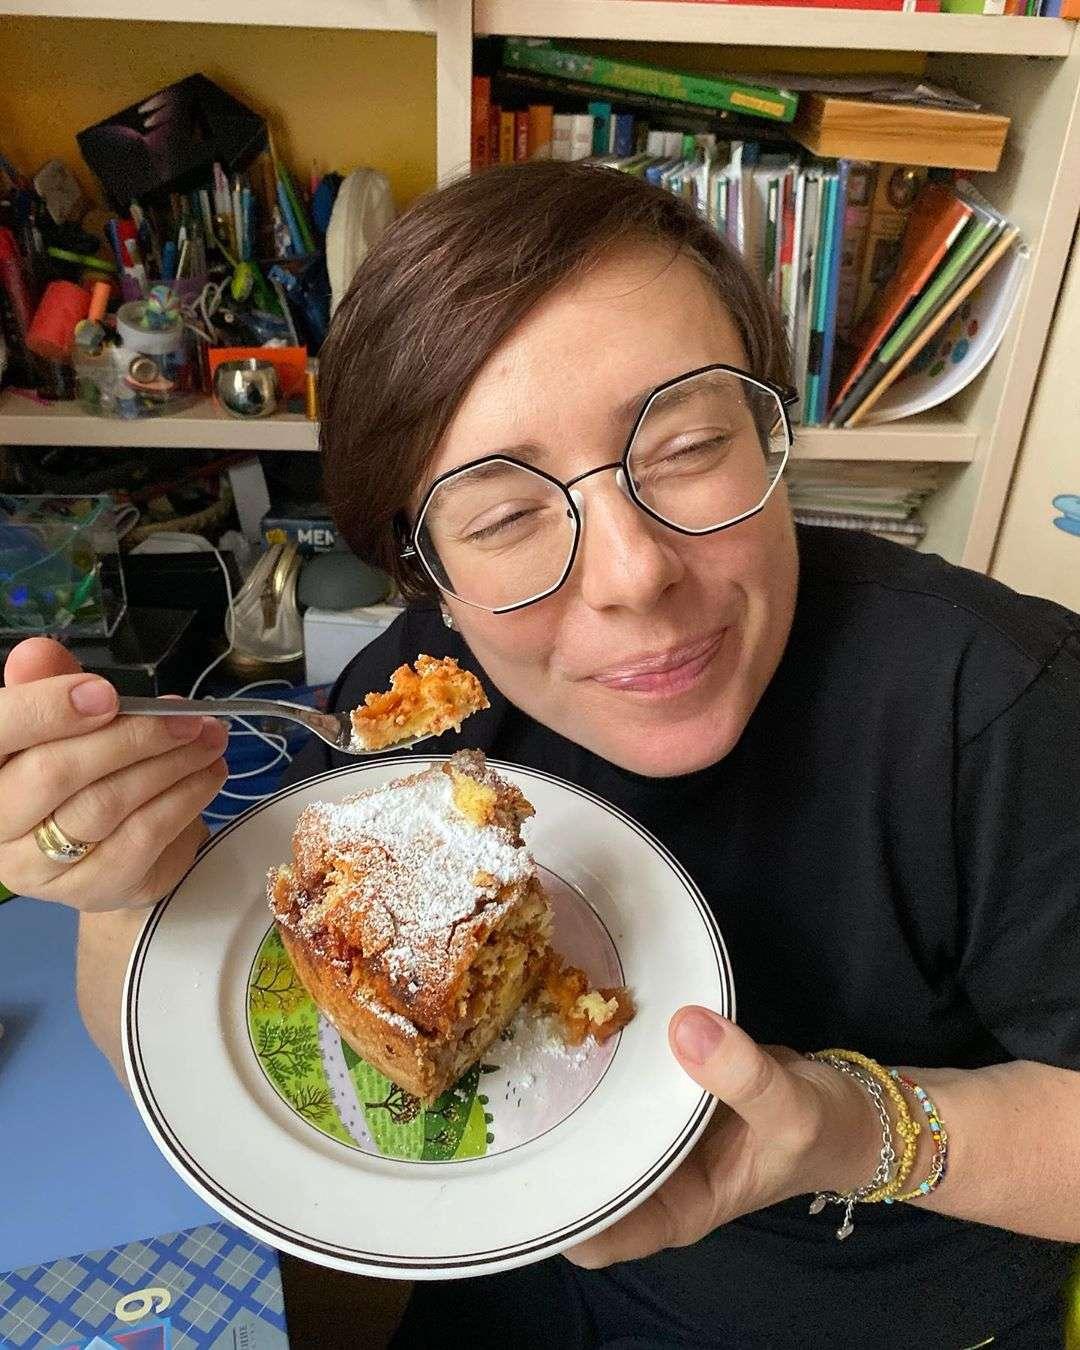 Яблочный пирог с орехами и специями: рецепт от семейства Тутты Ларсен